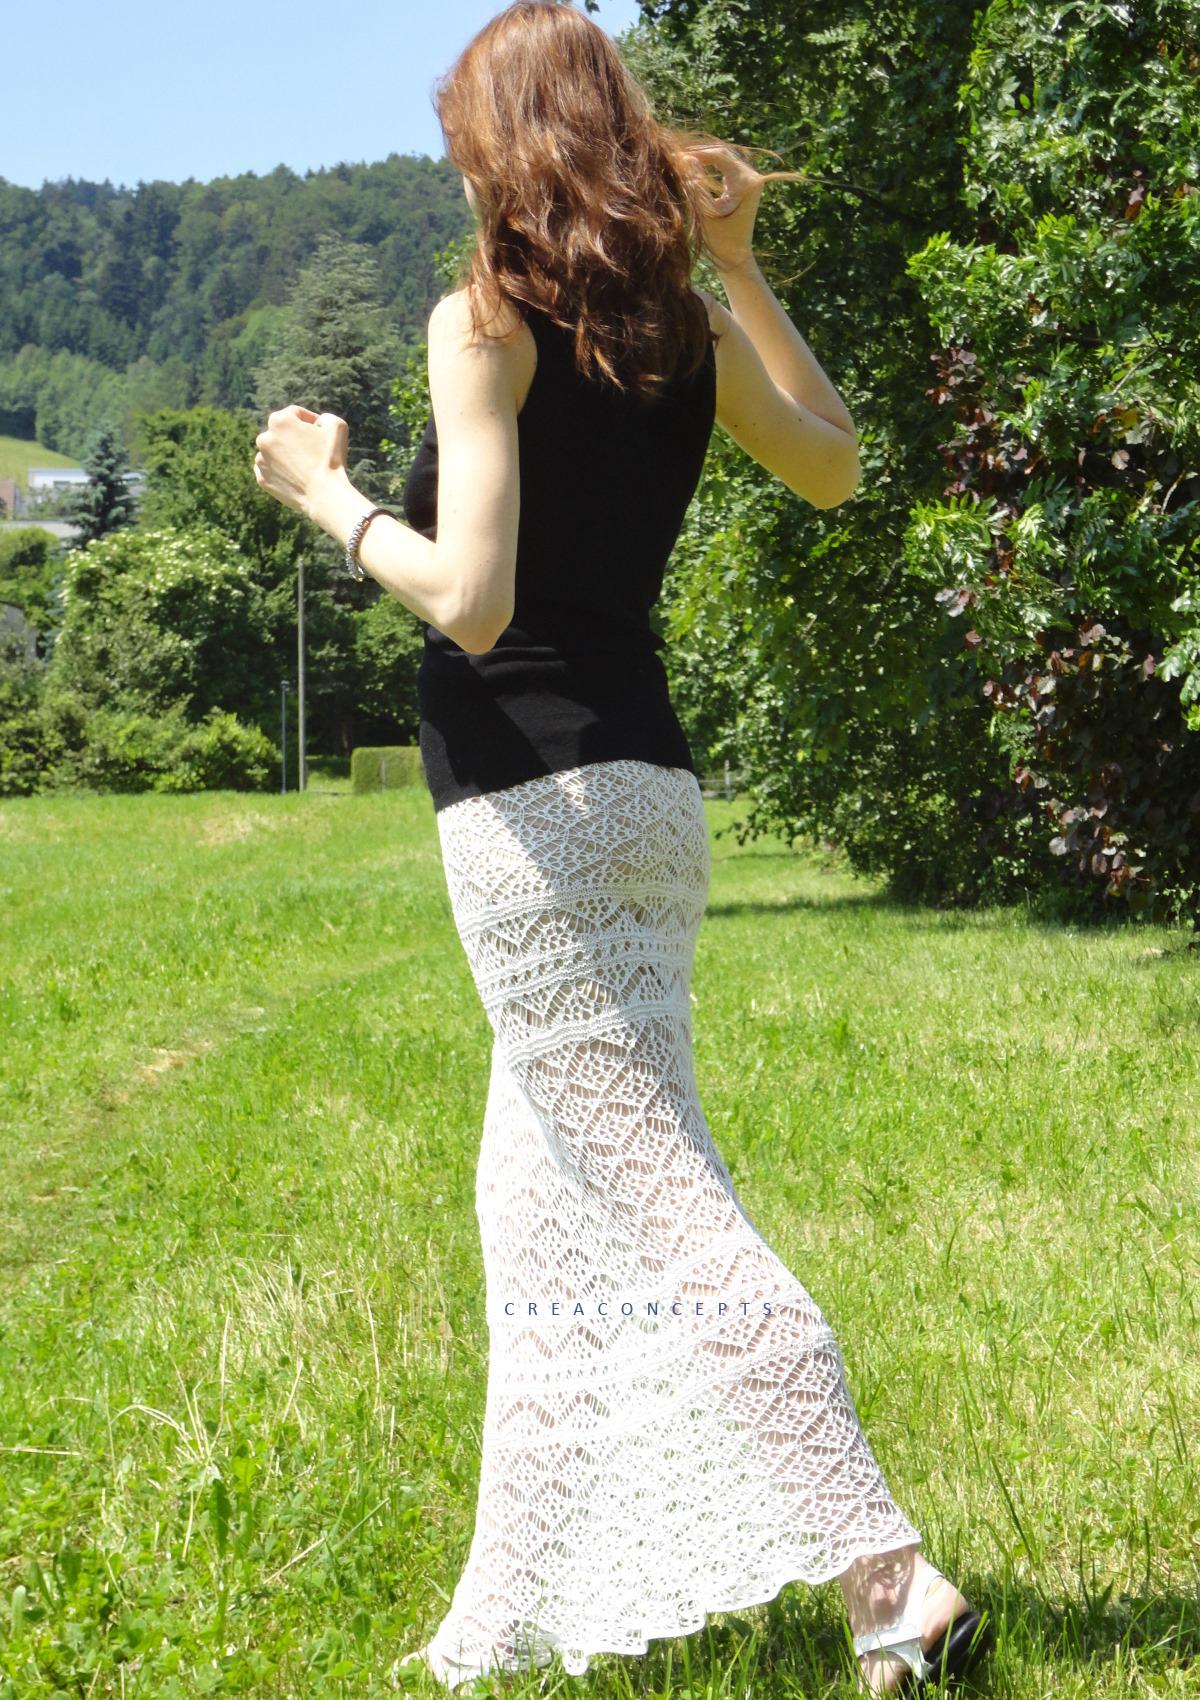 Knit SKIRT for hot summer – detailed PATTERN for Shetland lace skirt